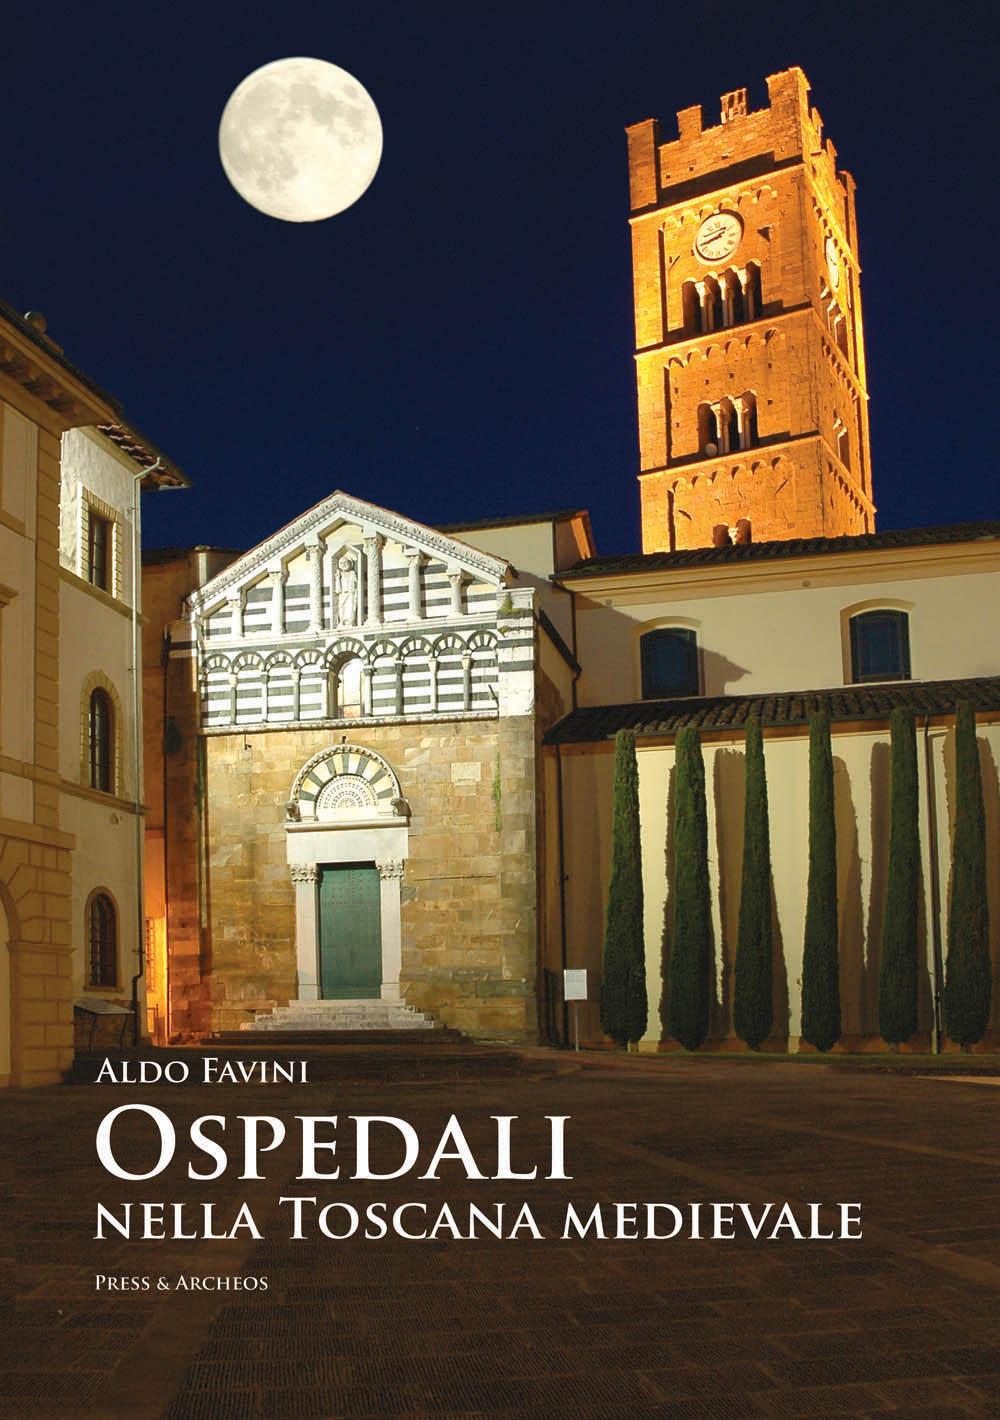 ospedali-toscana-medievale